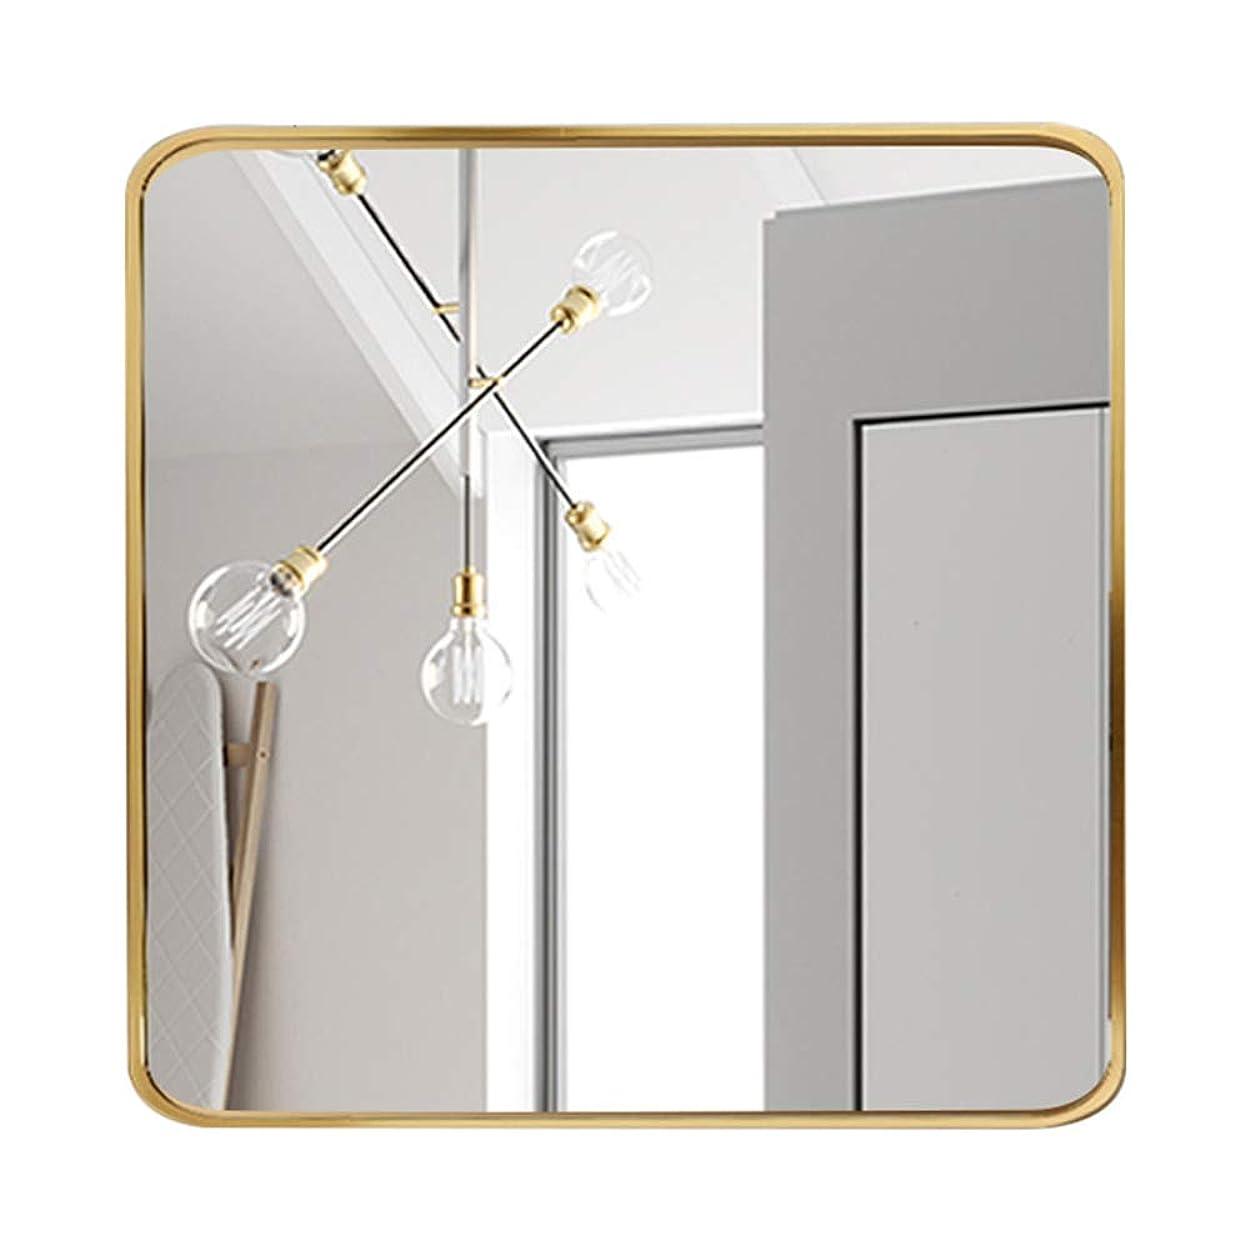 タバコ認可マート壁はバスルーム玄関リビングルームのためのミラーを吊るすミラー、北欧の単純化したラウンドコーナーゴールデン完成フレーム浴室の壁をマウント,50*50cm